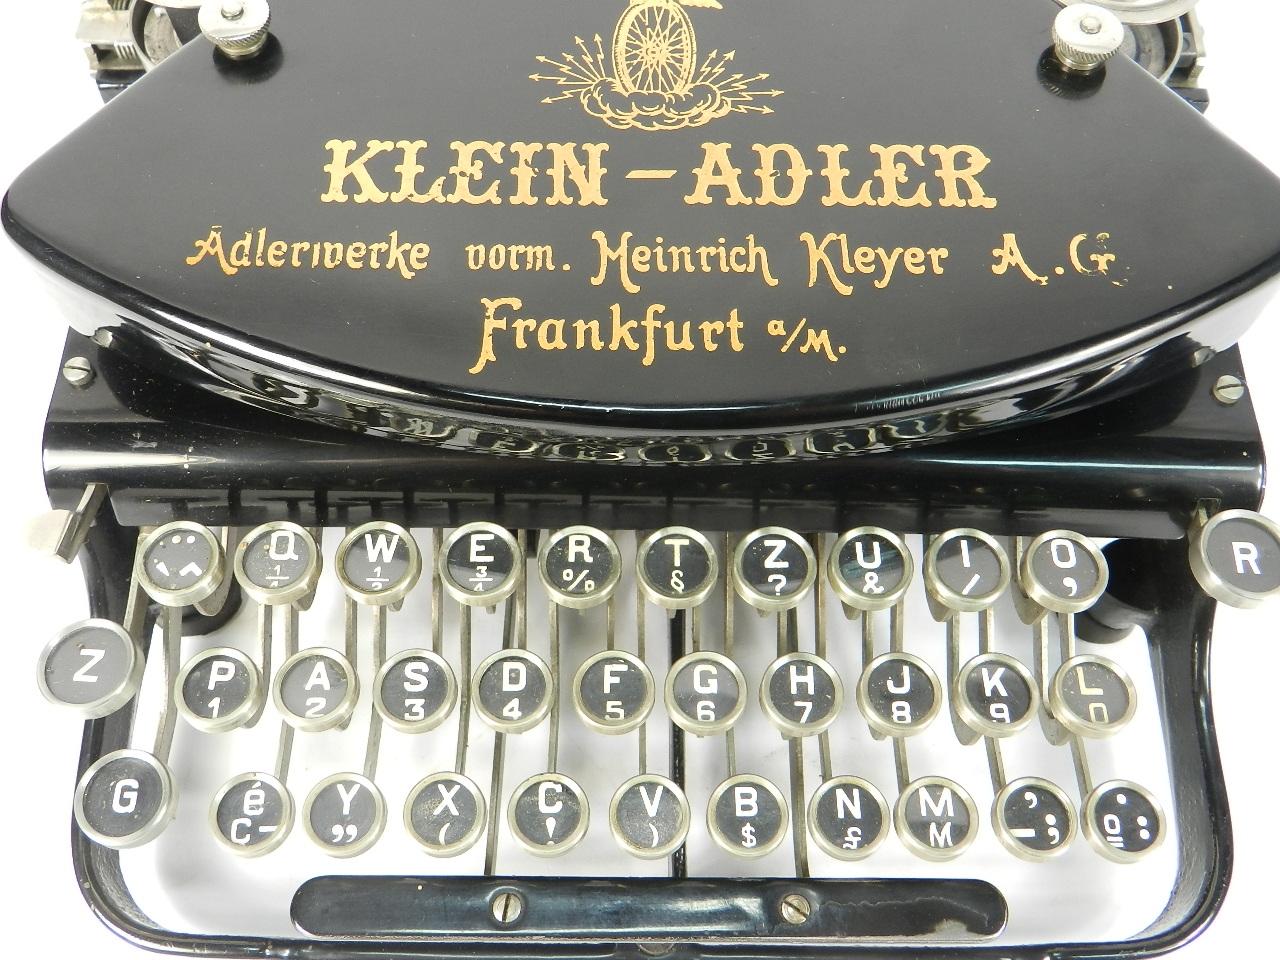 Imagen KLEIN ADLER AÑO 1913 42316